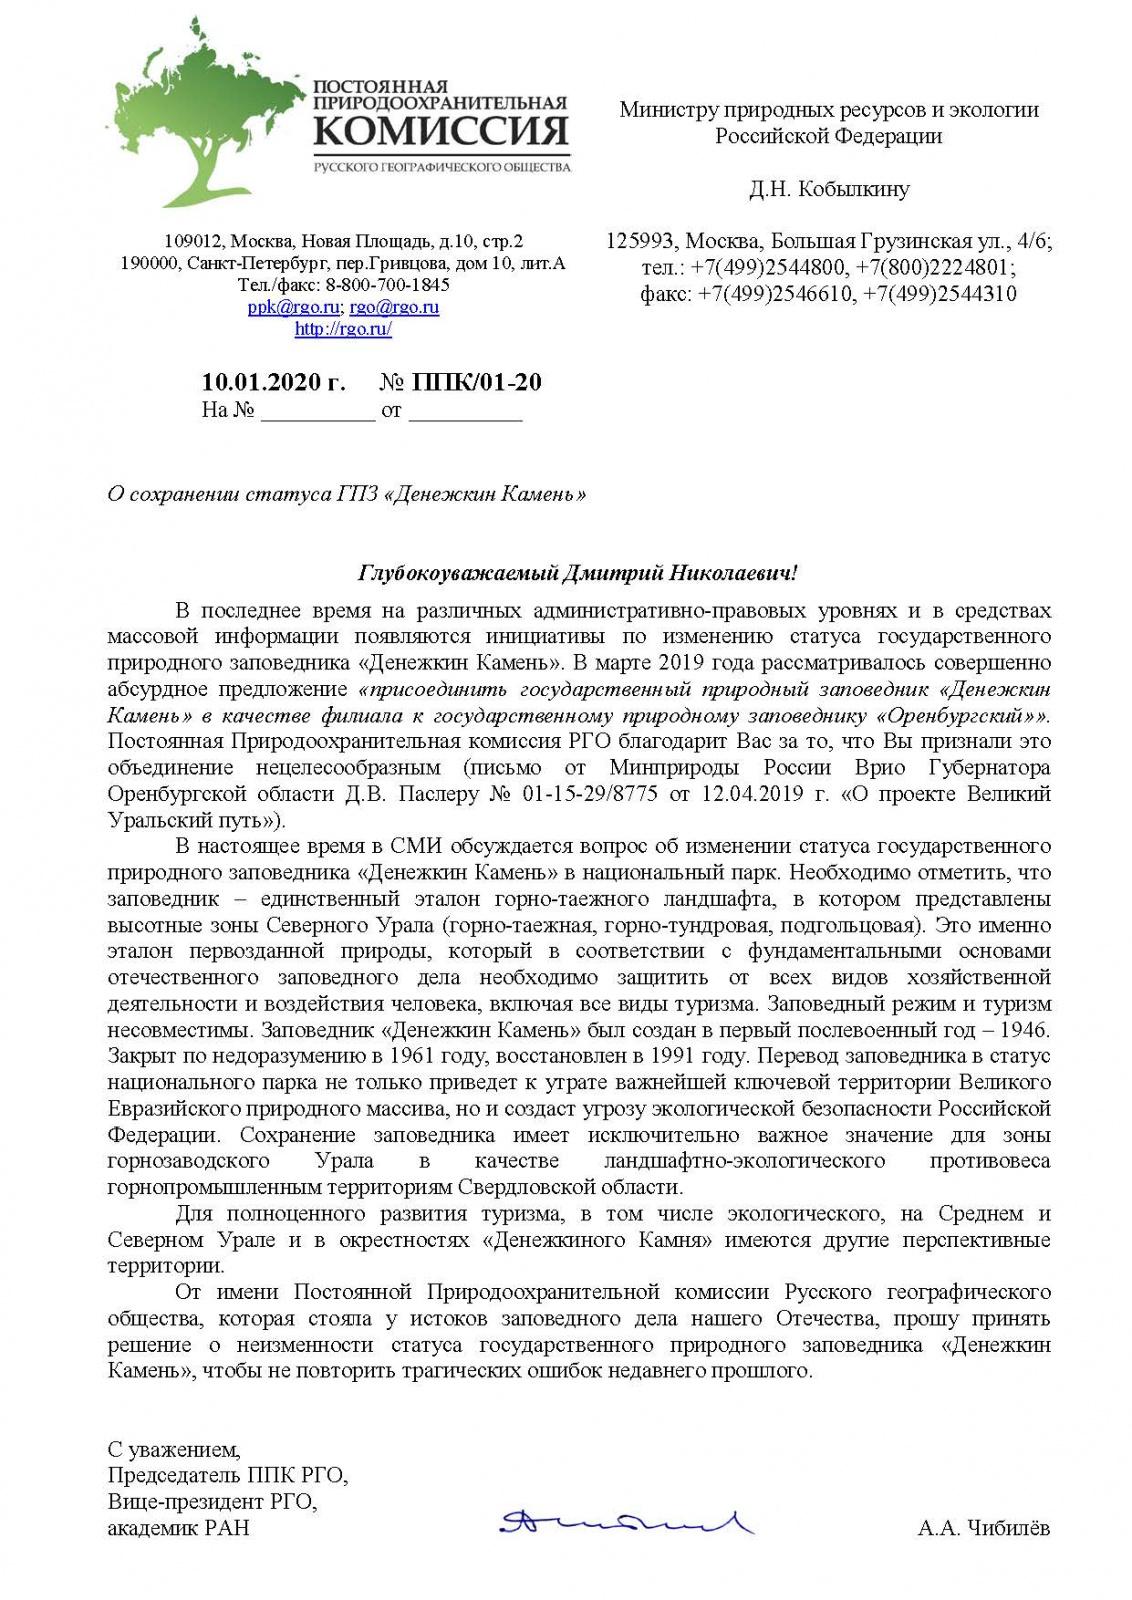 Академик РАН Александр Чибилев поддержал идею оставить «Денежкиному Камню» статус заповедника